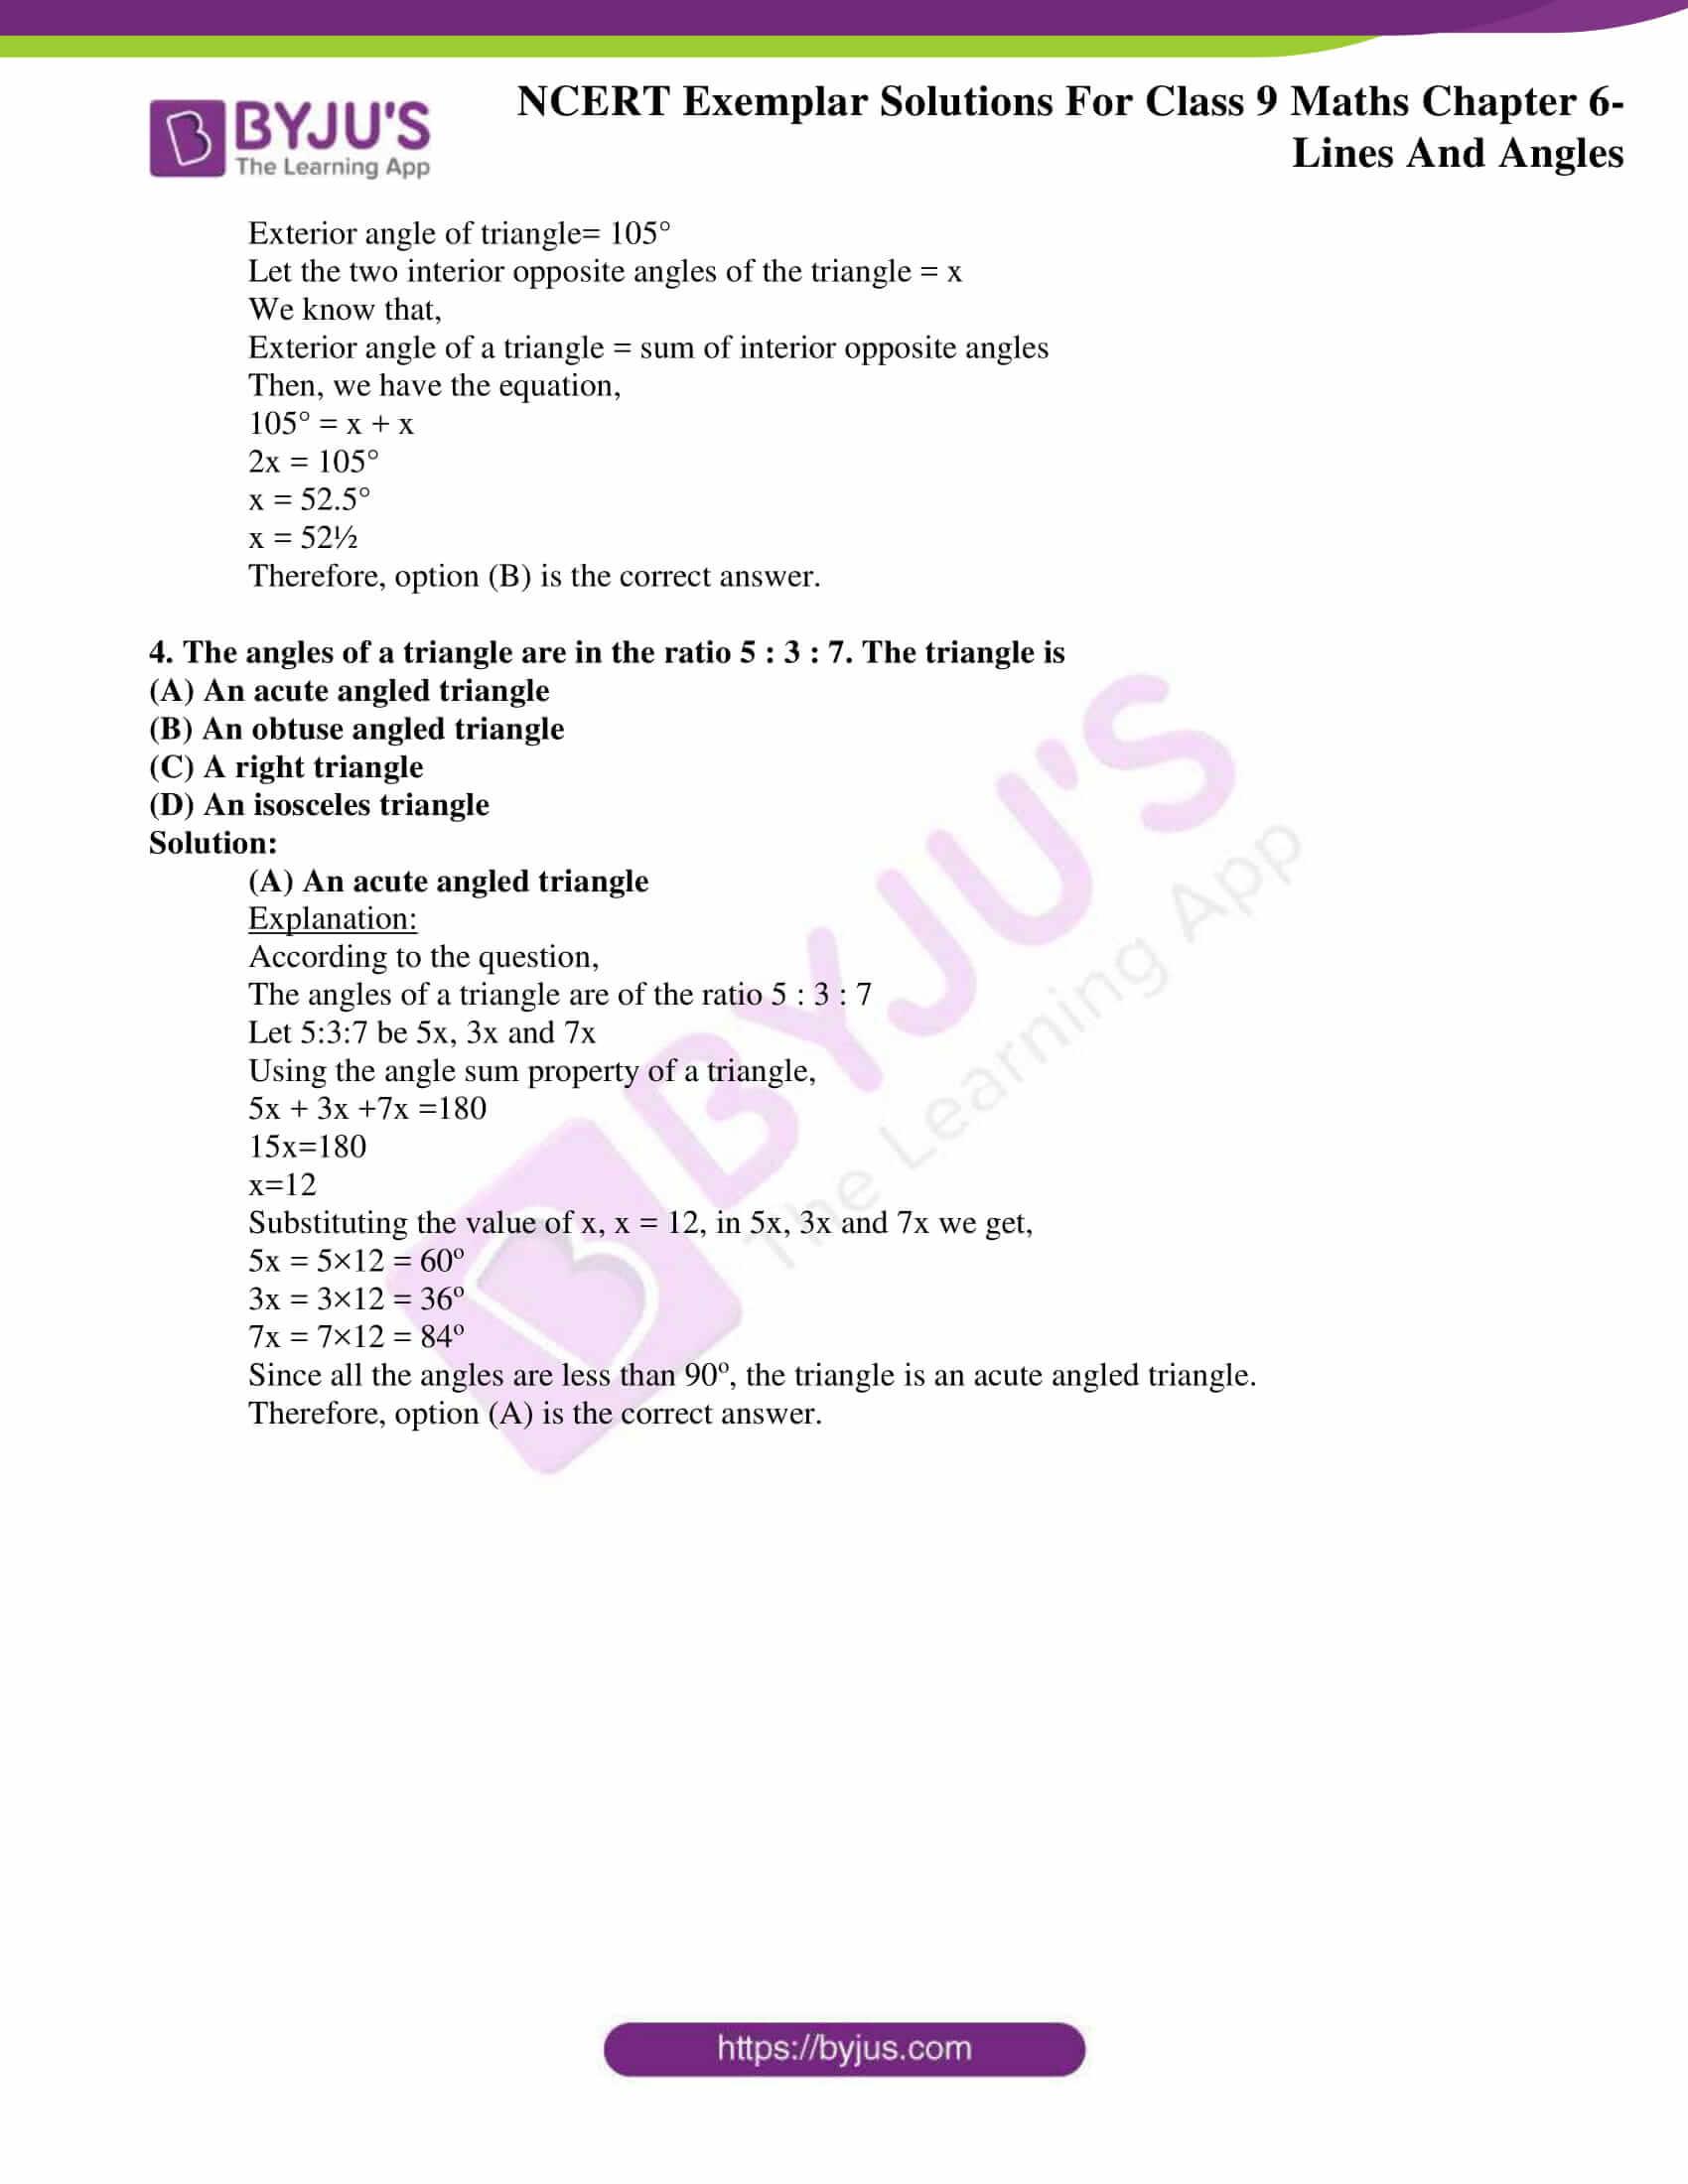 ncert exemplar solution class 9 maths chapter 6